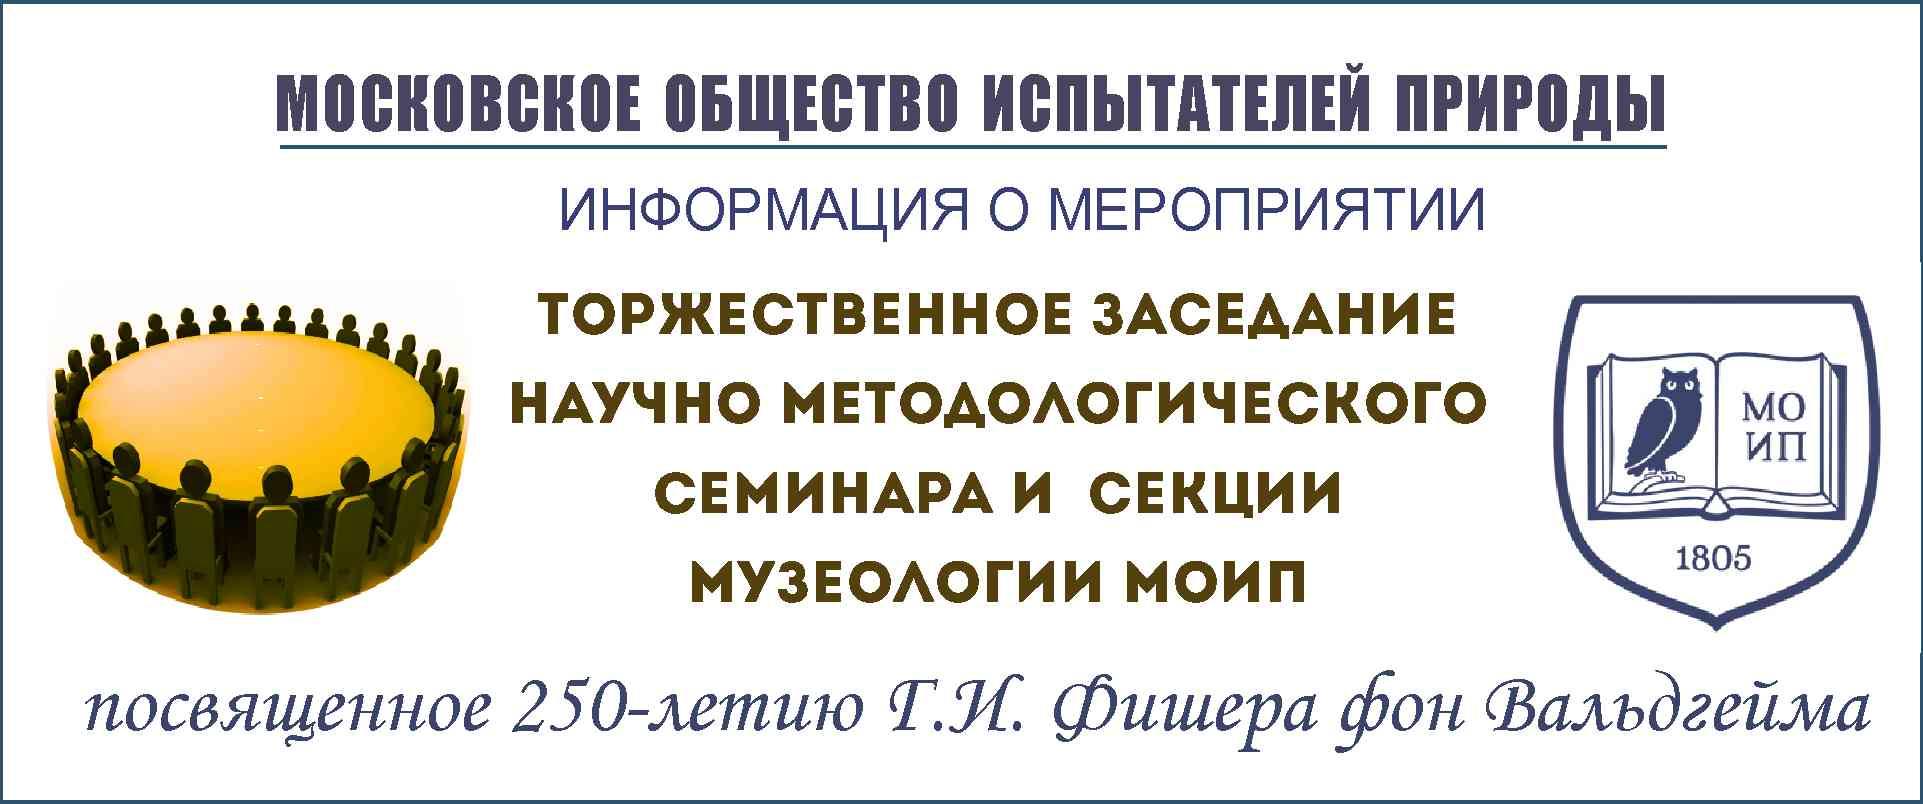 Торжественное заседание Научно-методологического семинара и  Секции музеологии МОИП, посвященное 250-летию Григория Ивановича Фишера фон Вальдгейма